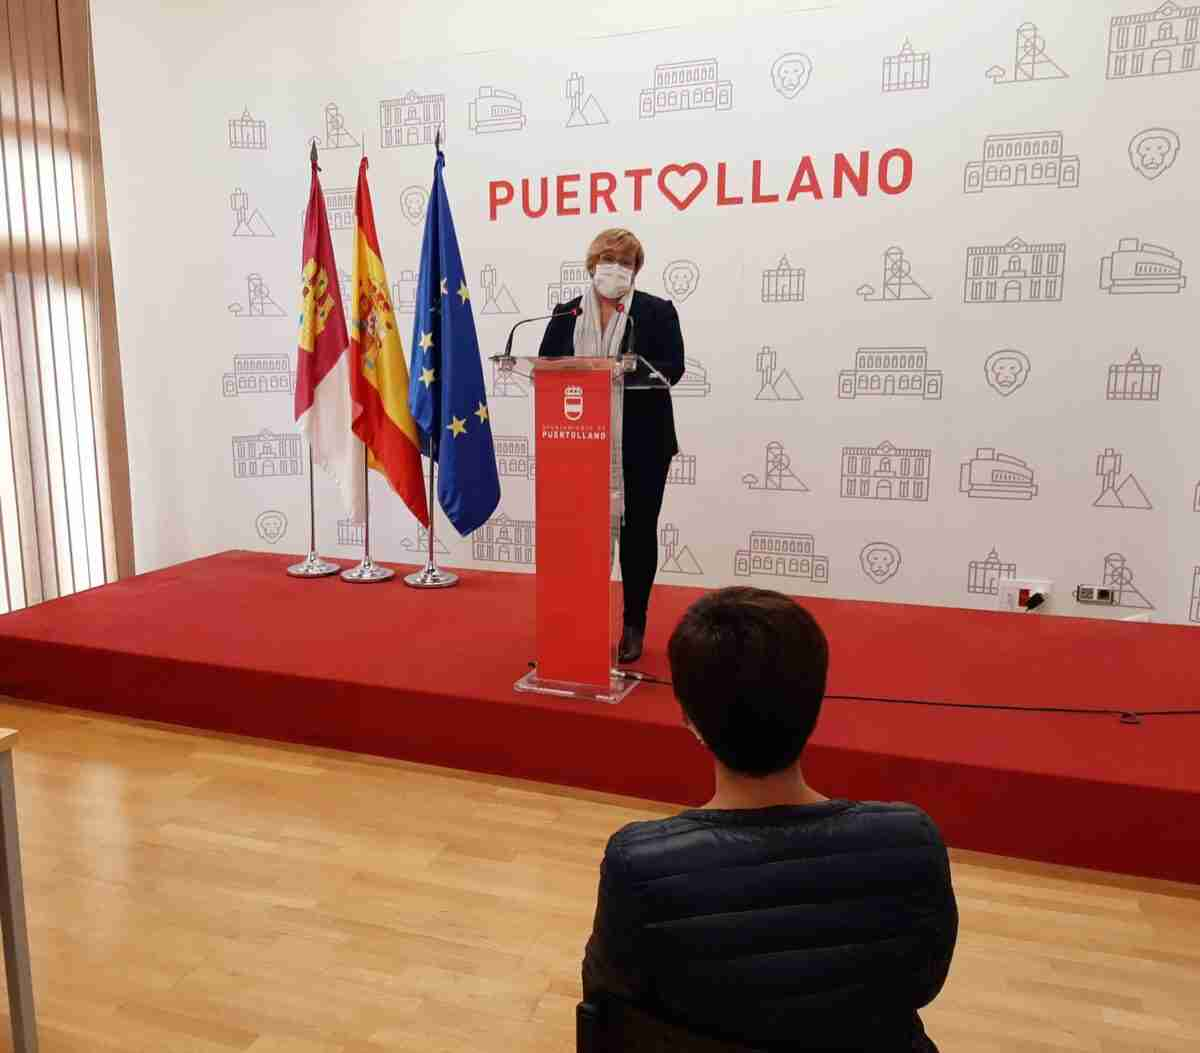 El Gobierno regional multiplica por cuatro la inversión directa en Puertollano, que asciende a 7 millones de euros para 2021 1